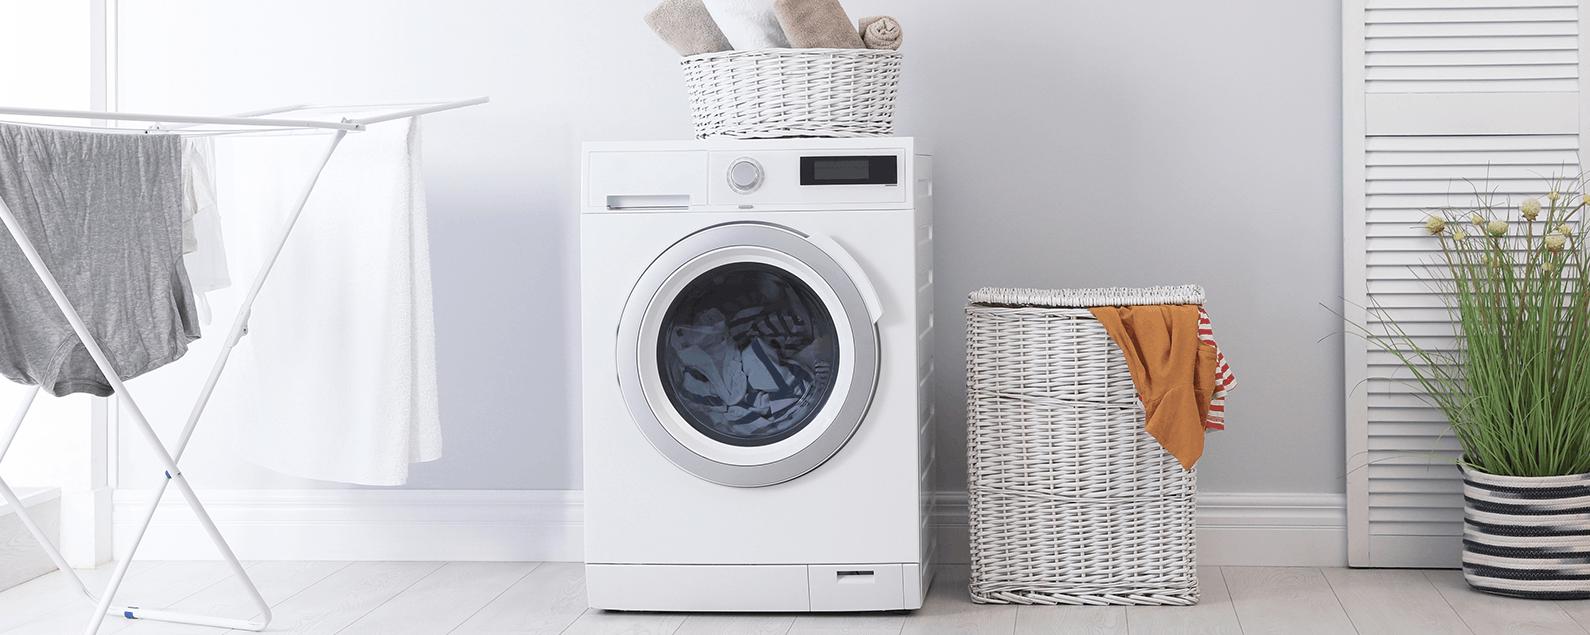 Lave Linge Couleur Gris laveuse - guide d'achat des meilleures en 2020 au canada